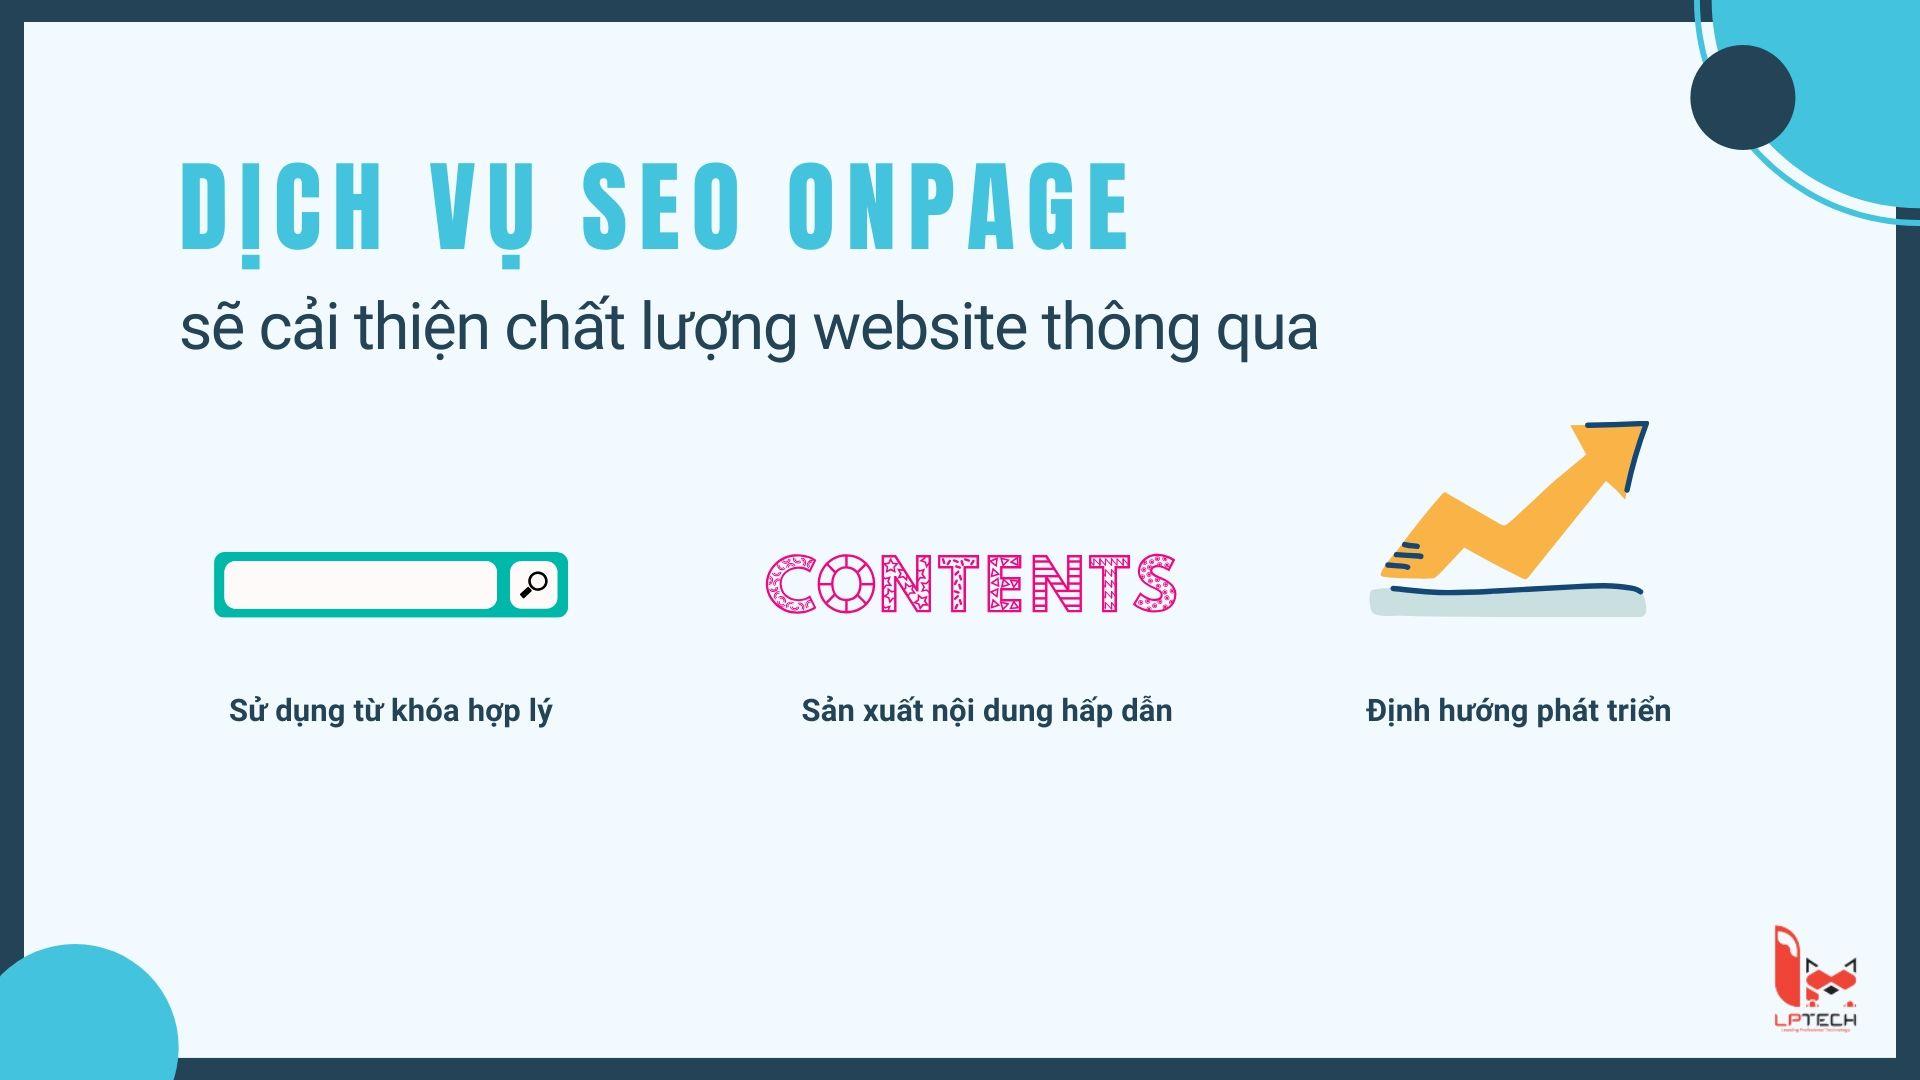 Dịch vụ SEO Onpage cải thiện chất lượng website